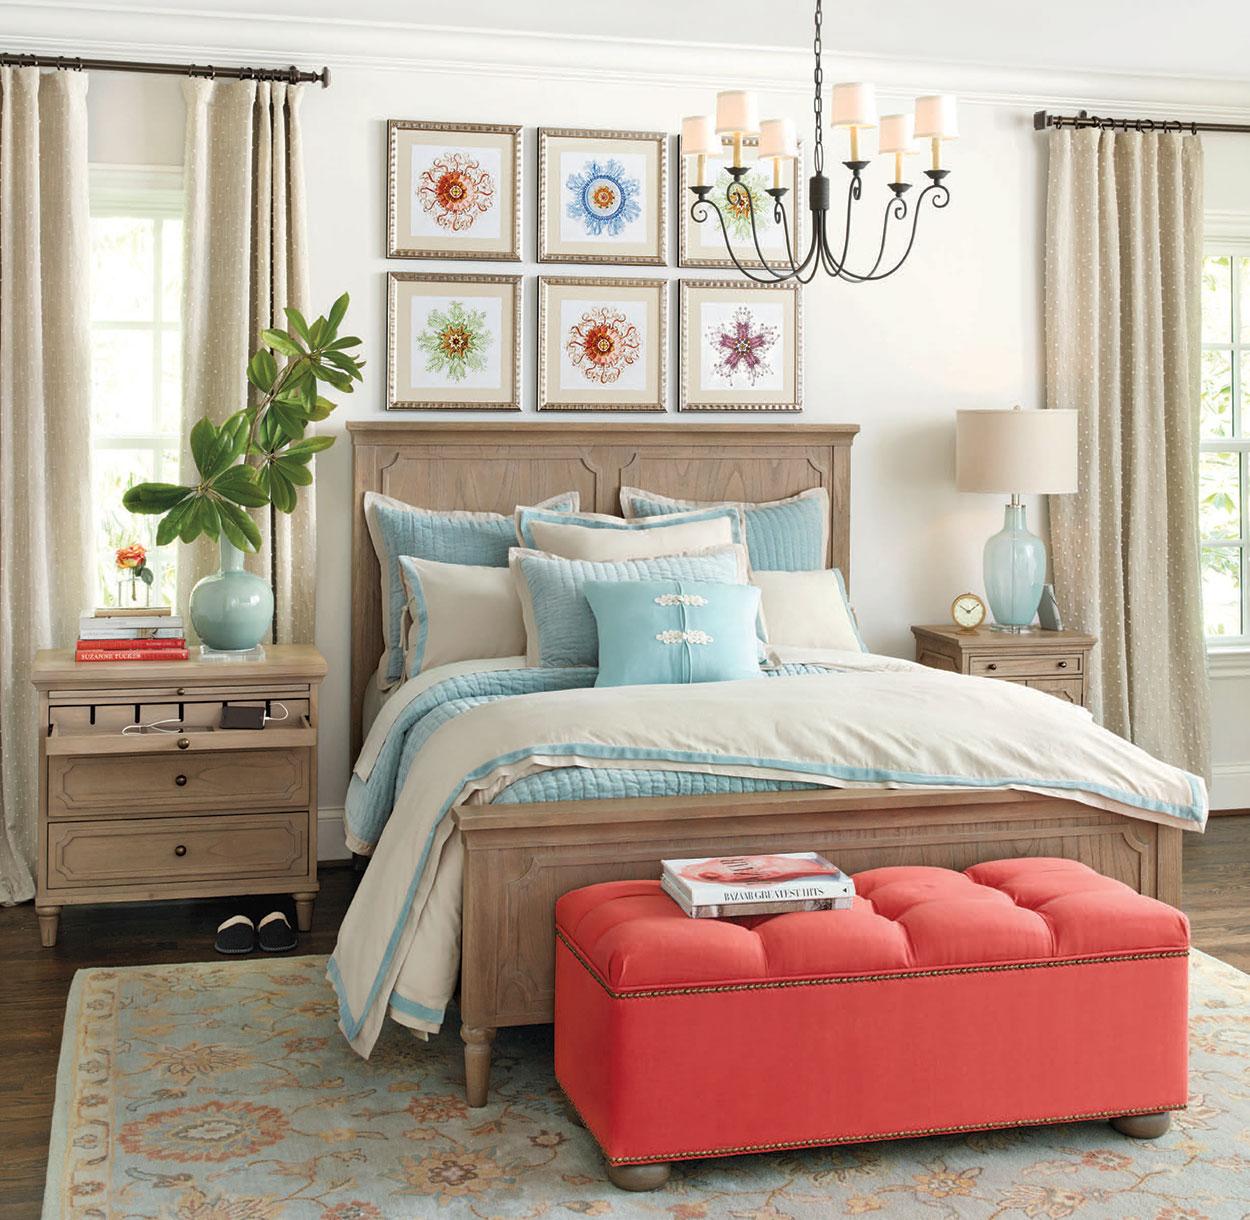 M s de 40 encantadores y c modos dormitorios web de la casa - Dormitorios bonitos ...